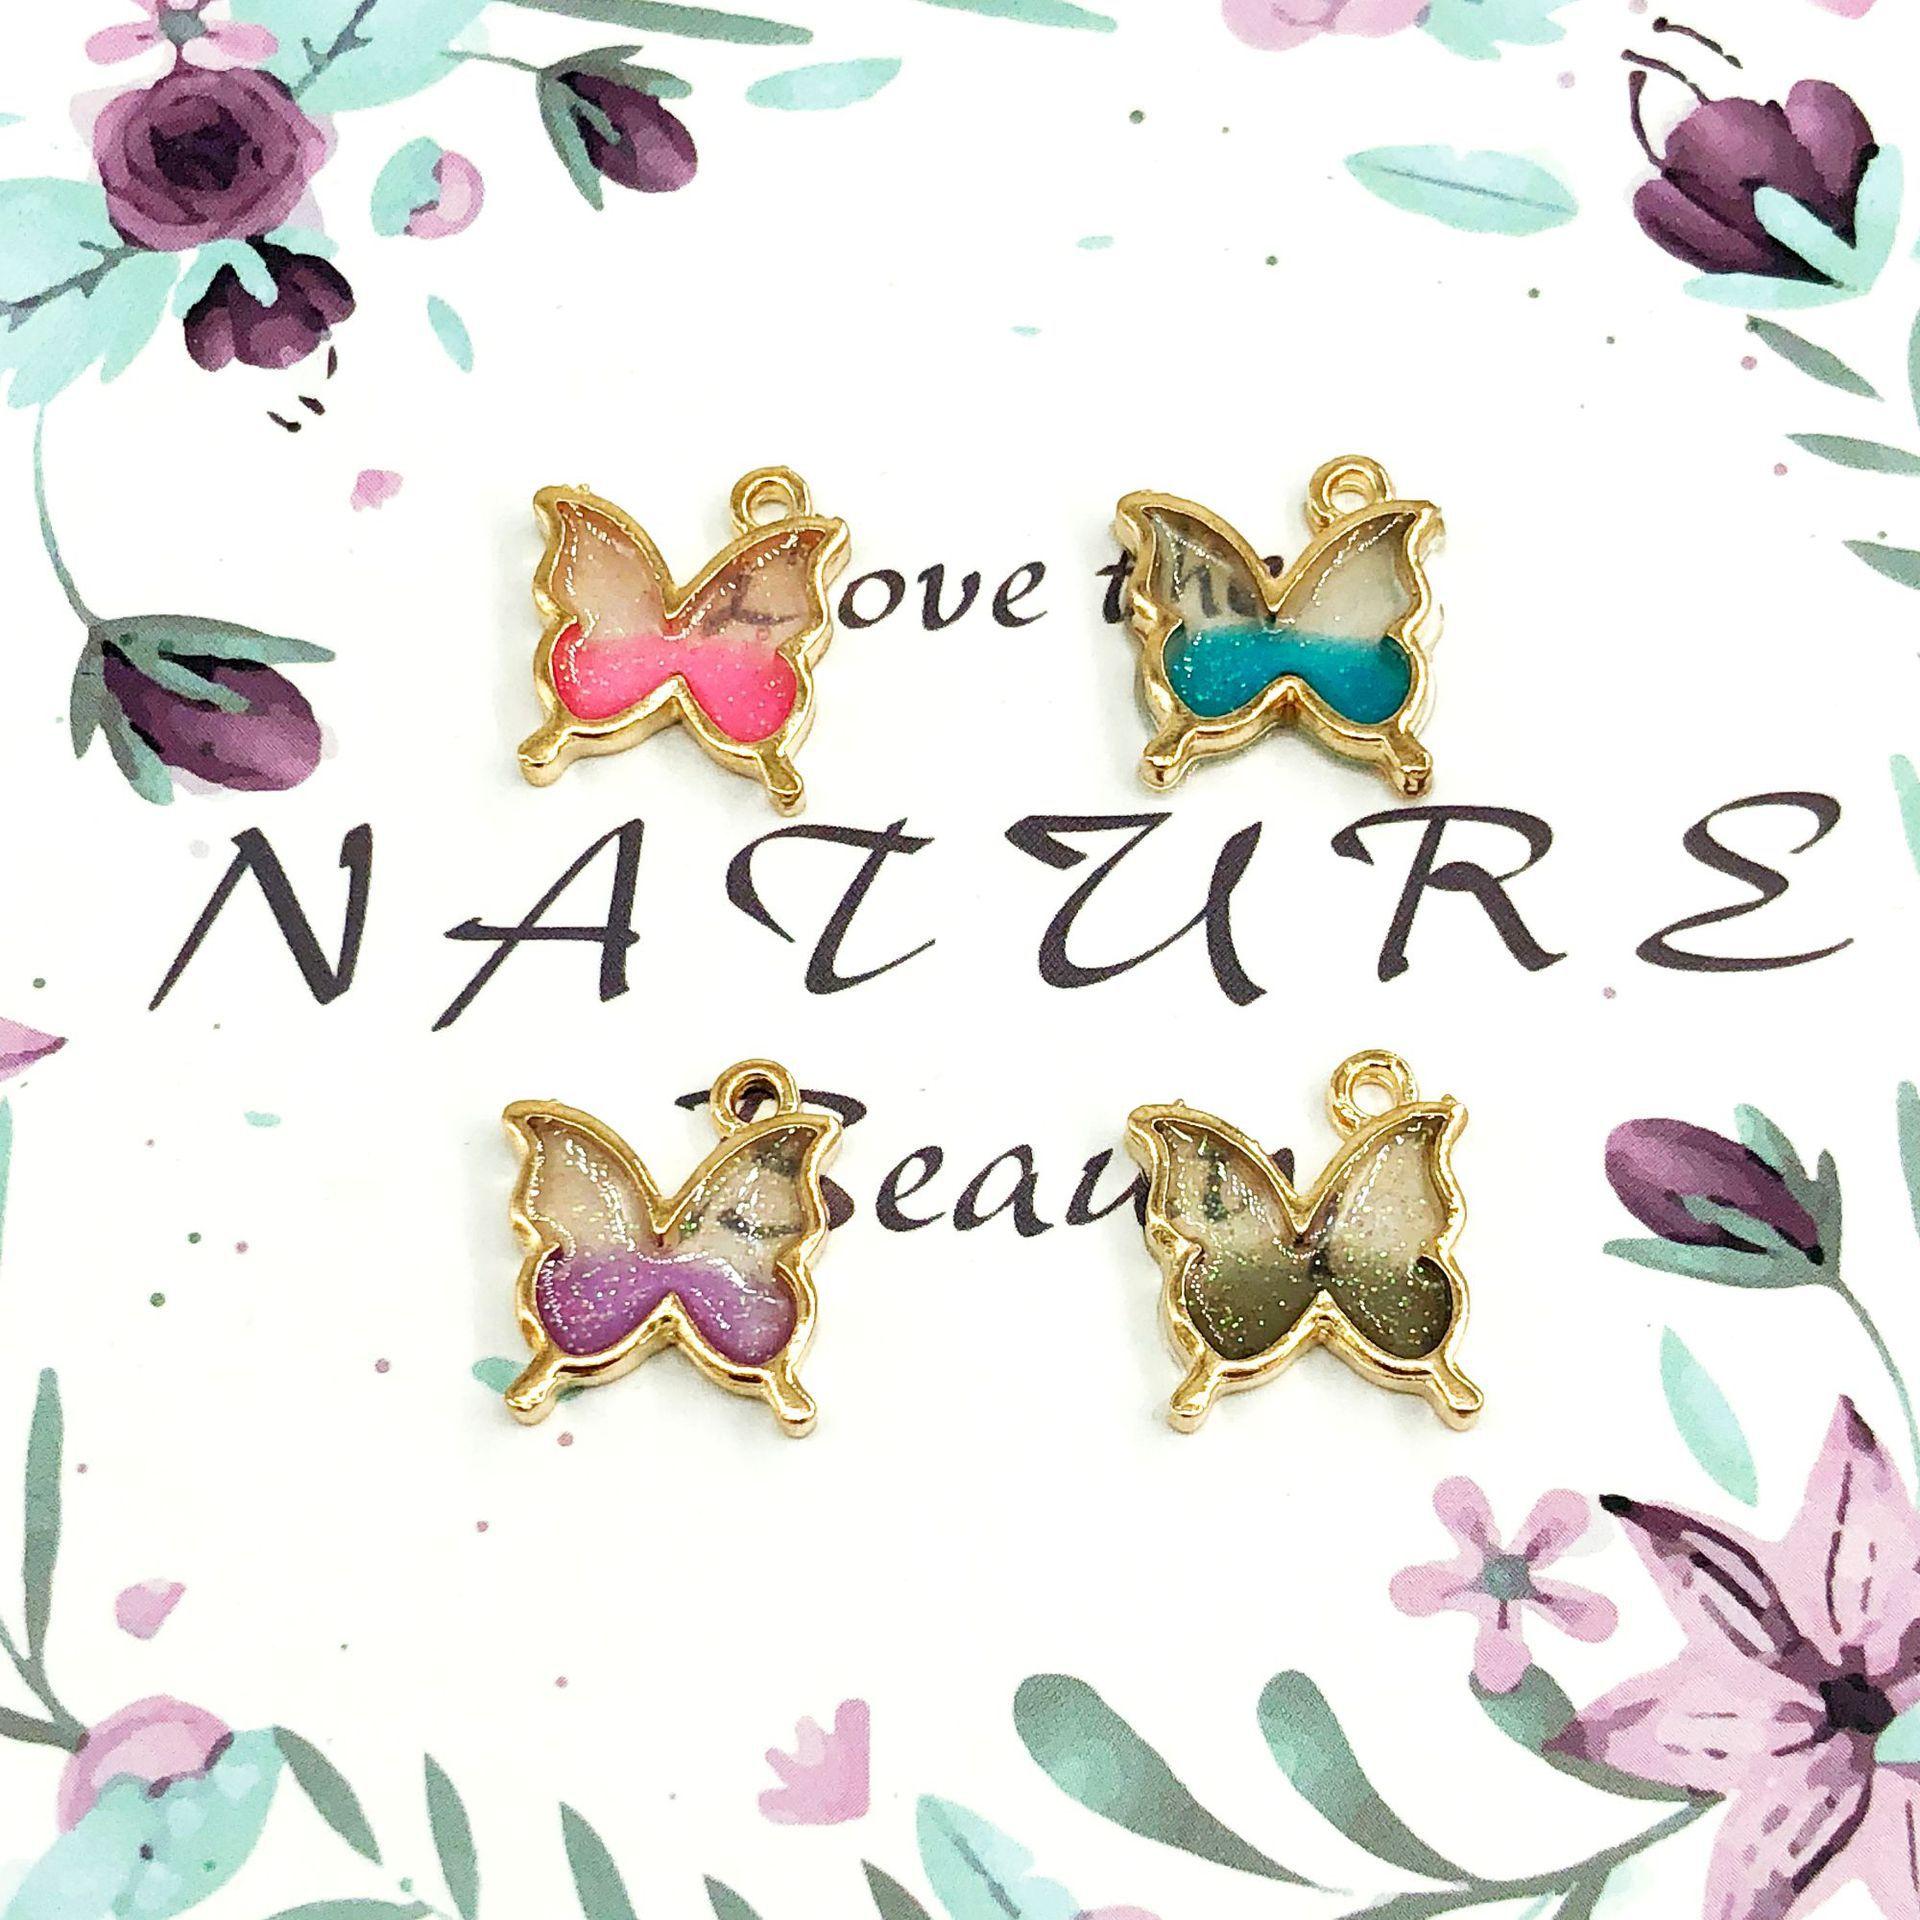 10 unids/lote moda mariposa colgante encantos de aleación de cinc esmalte nacarado encantos de mariposa accesorios de la joyería de 15*16mm